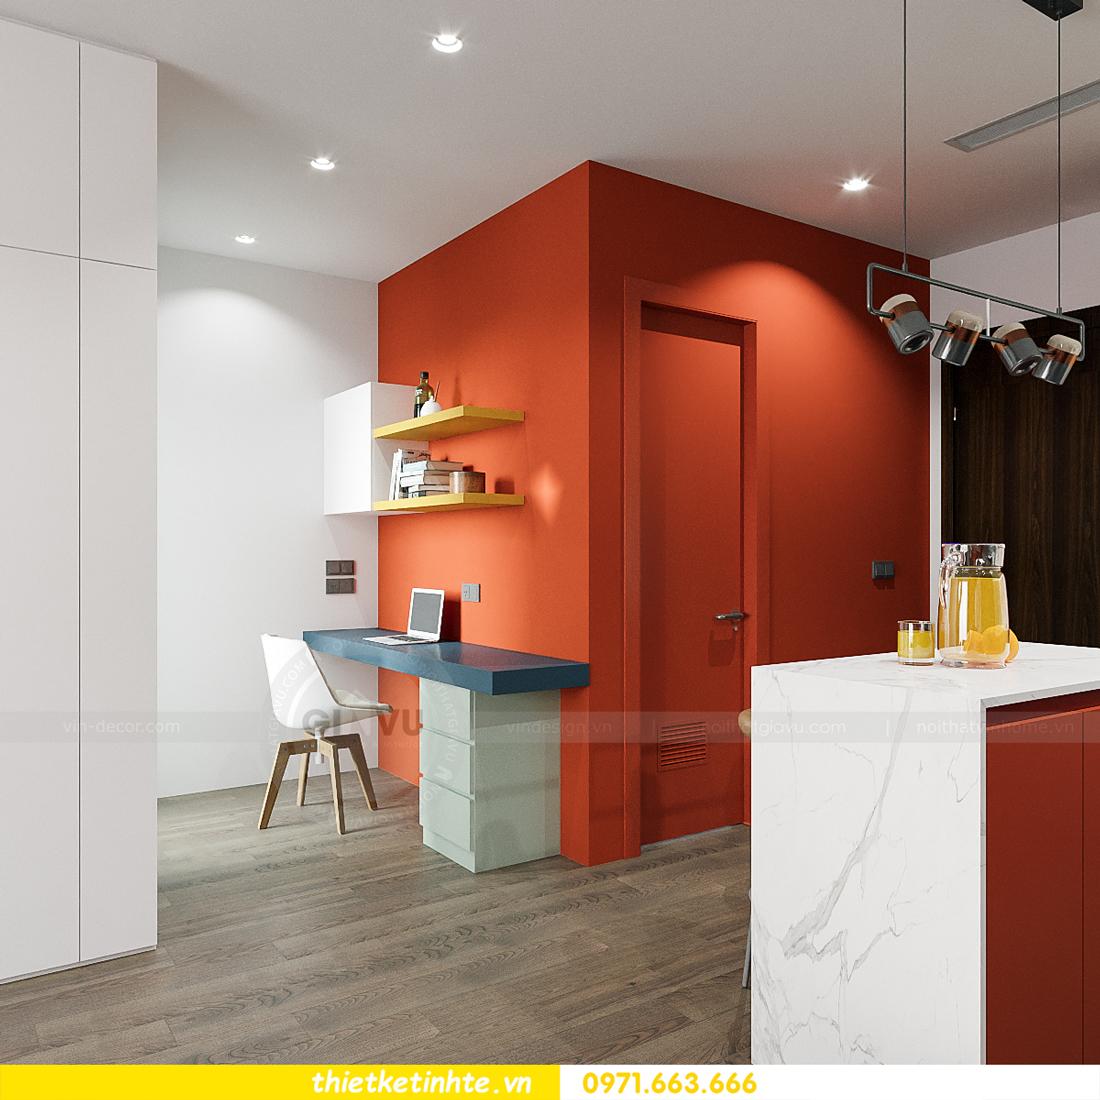 thiết kế nội thất căn hộ Studio tại Vinhomes Smart City 6